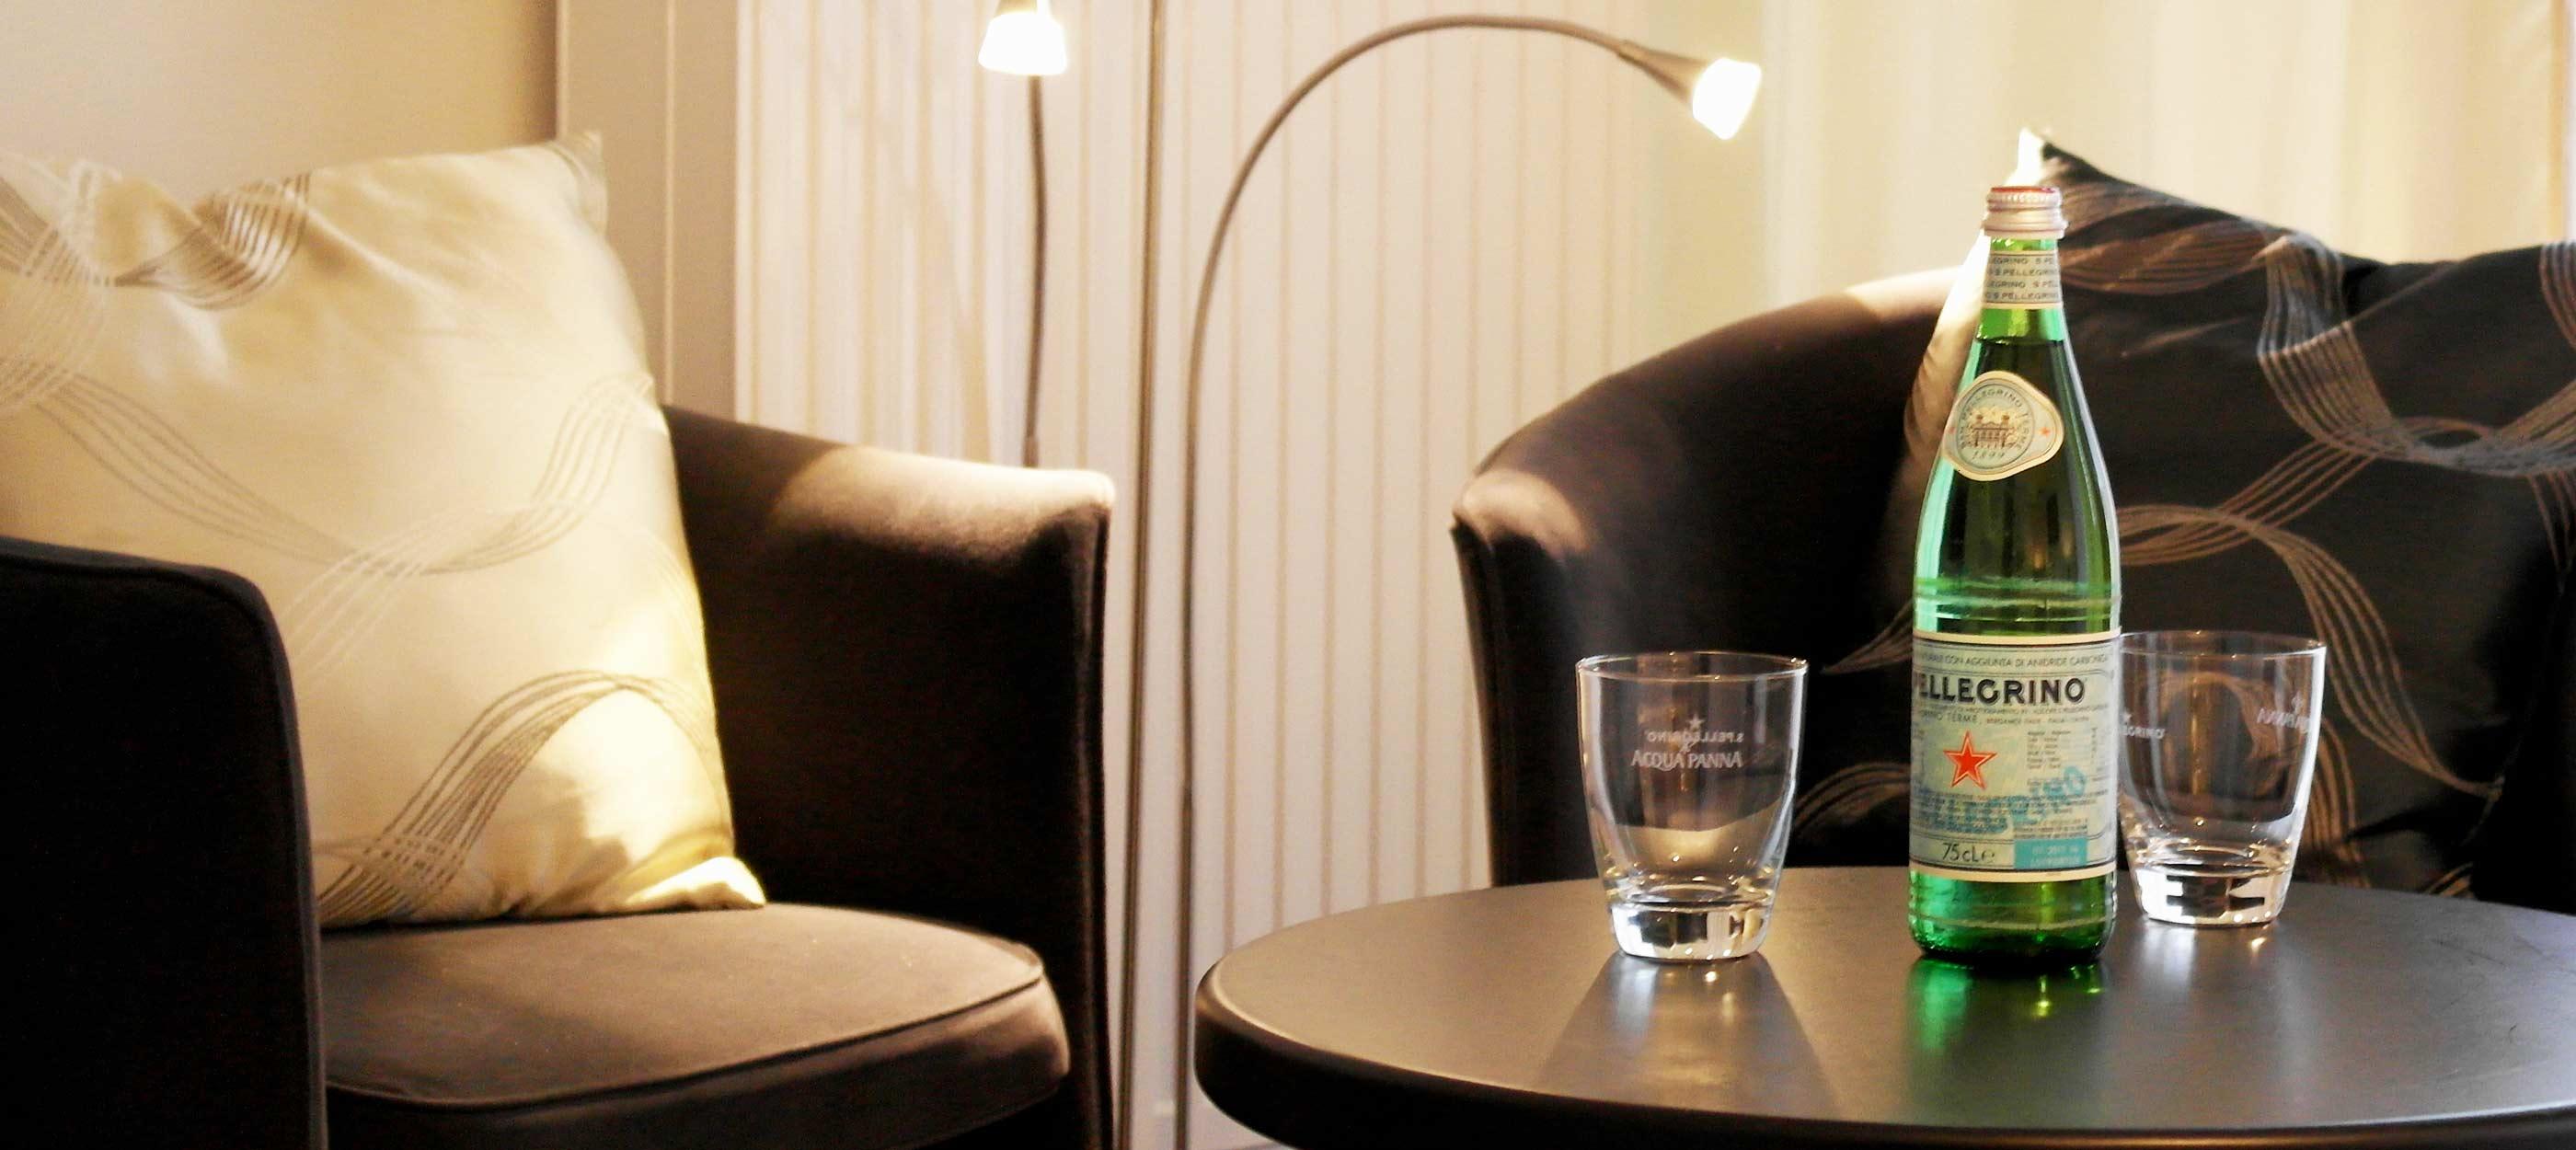 hotel-dz-deluxe-b-loungebereich